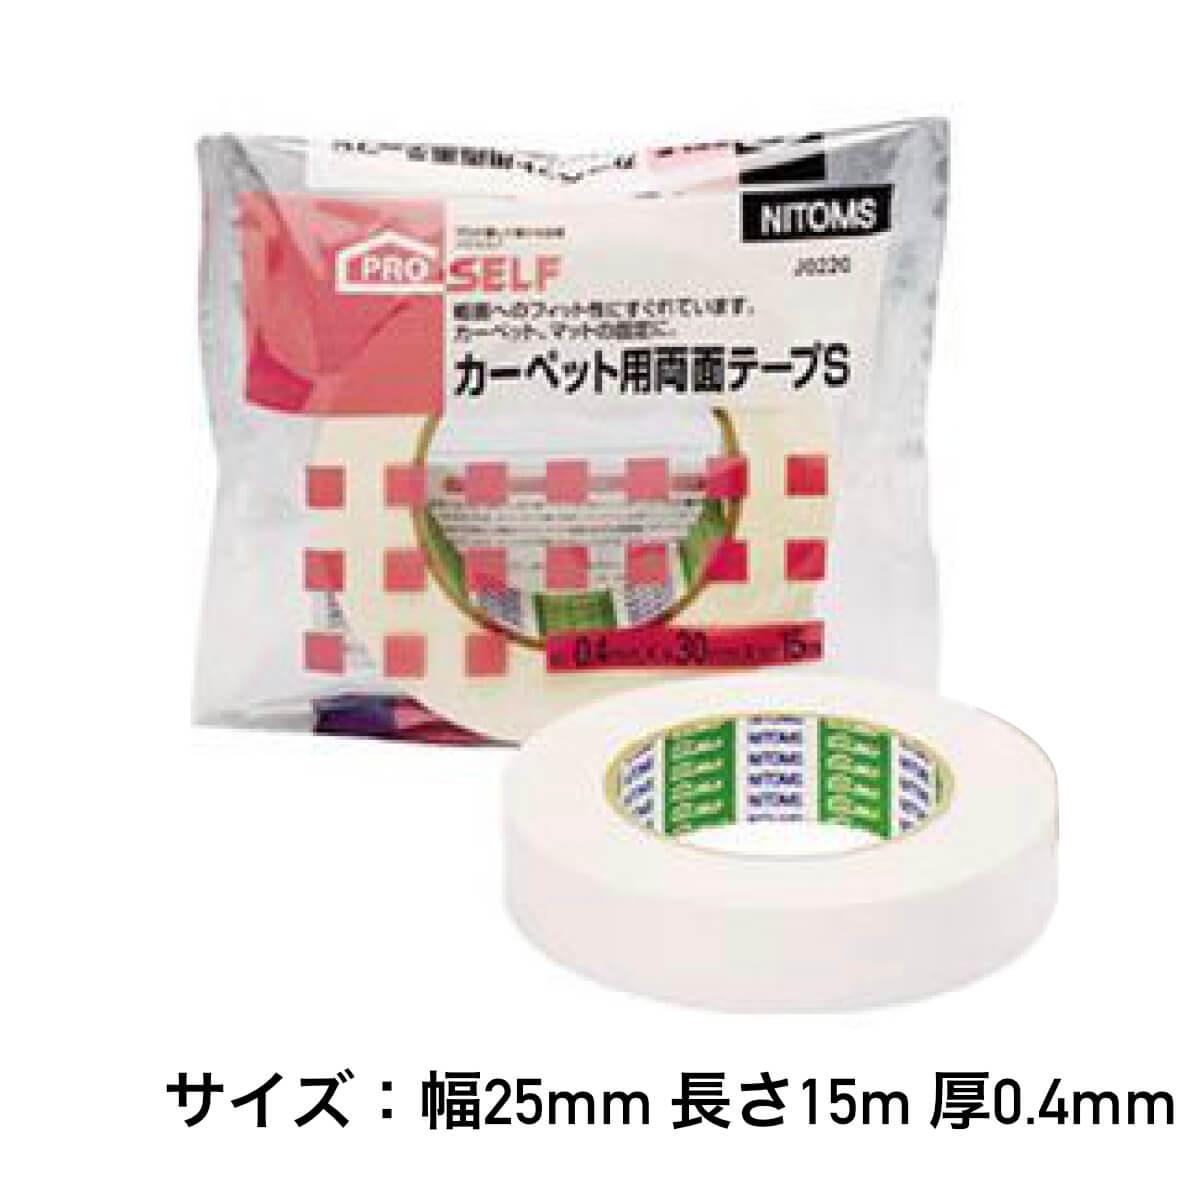 カーペット用両面テープ 幅25mm✕長さ15m✕厚み0.4mm